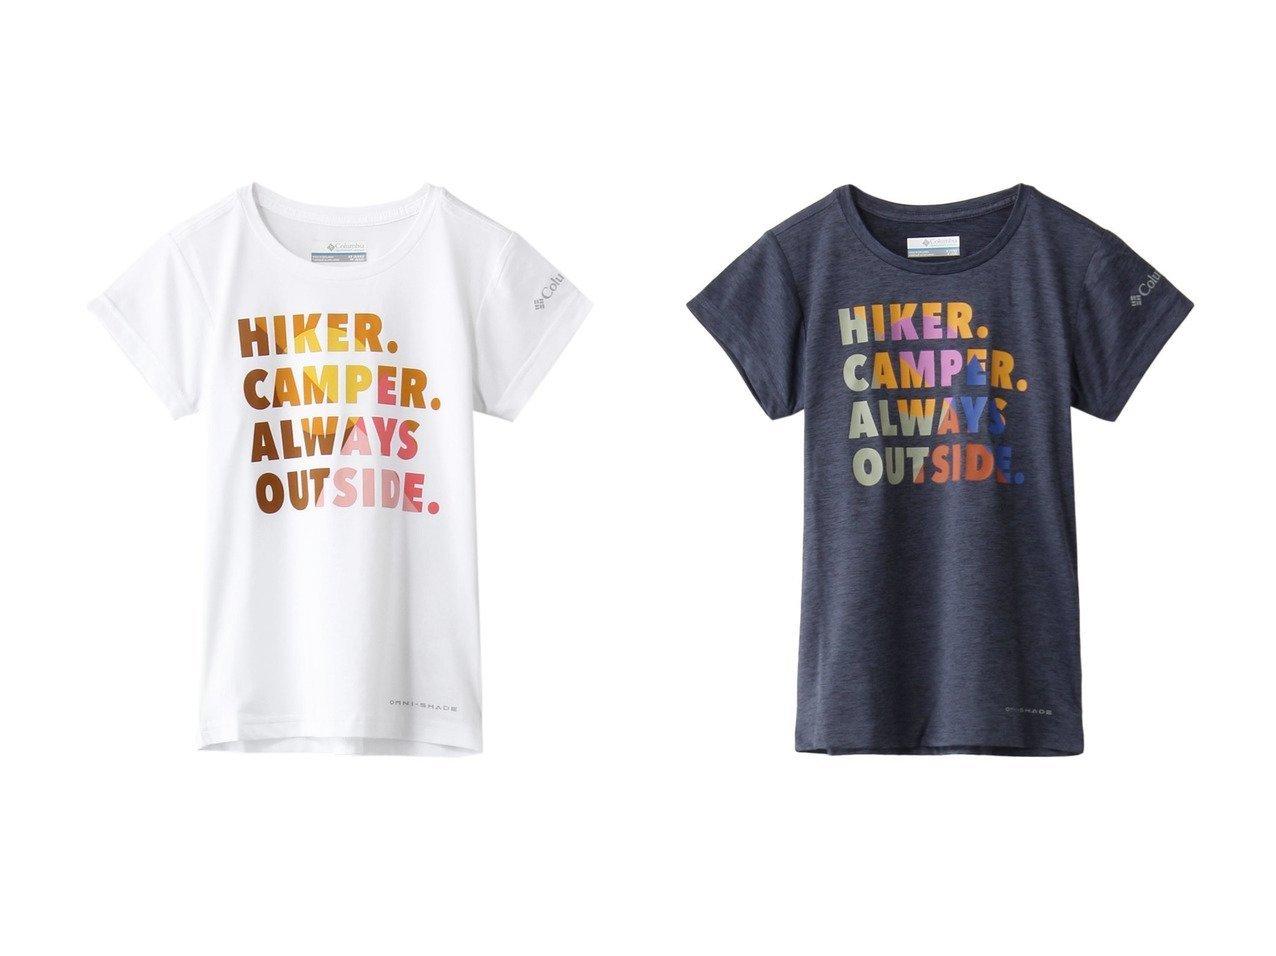 【Columbia / KIDS/コロンビア】の【Kids】サスリッジグラフィックショートスリーブTシャツ 【KIDS】子供服のおすすめ!人気トレンド・キッズファッションの通販  おすすめで人気の流行・トレンド、ファッションの通販商品 メンズファッション・キッズファッション・インテリア・家具・レディースファッション・服の通販 founy(ファニー) https://founy.com/ ファッション Fashion キッズファッション KIDS トップス・カットソー Tops/Tees/Kids S/S・春夏 SS・Spring/Summer カラフル フロント ブロック プリント 吸水 春 Spring |ID:crp329100000034834